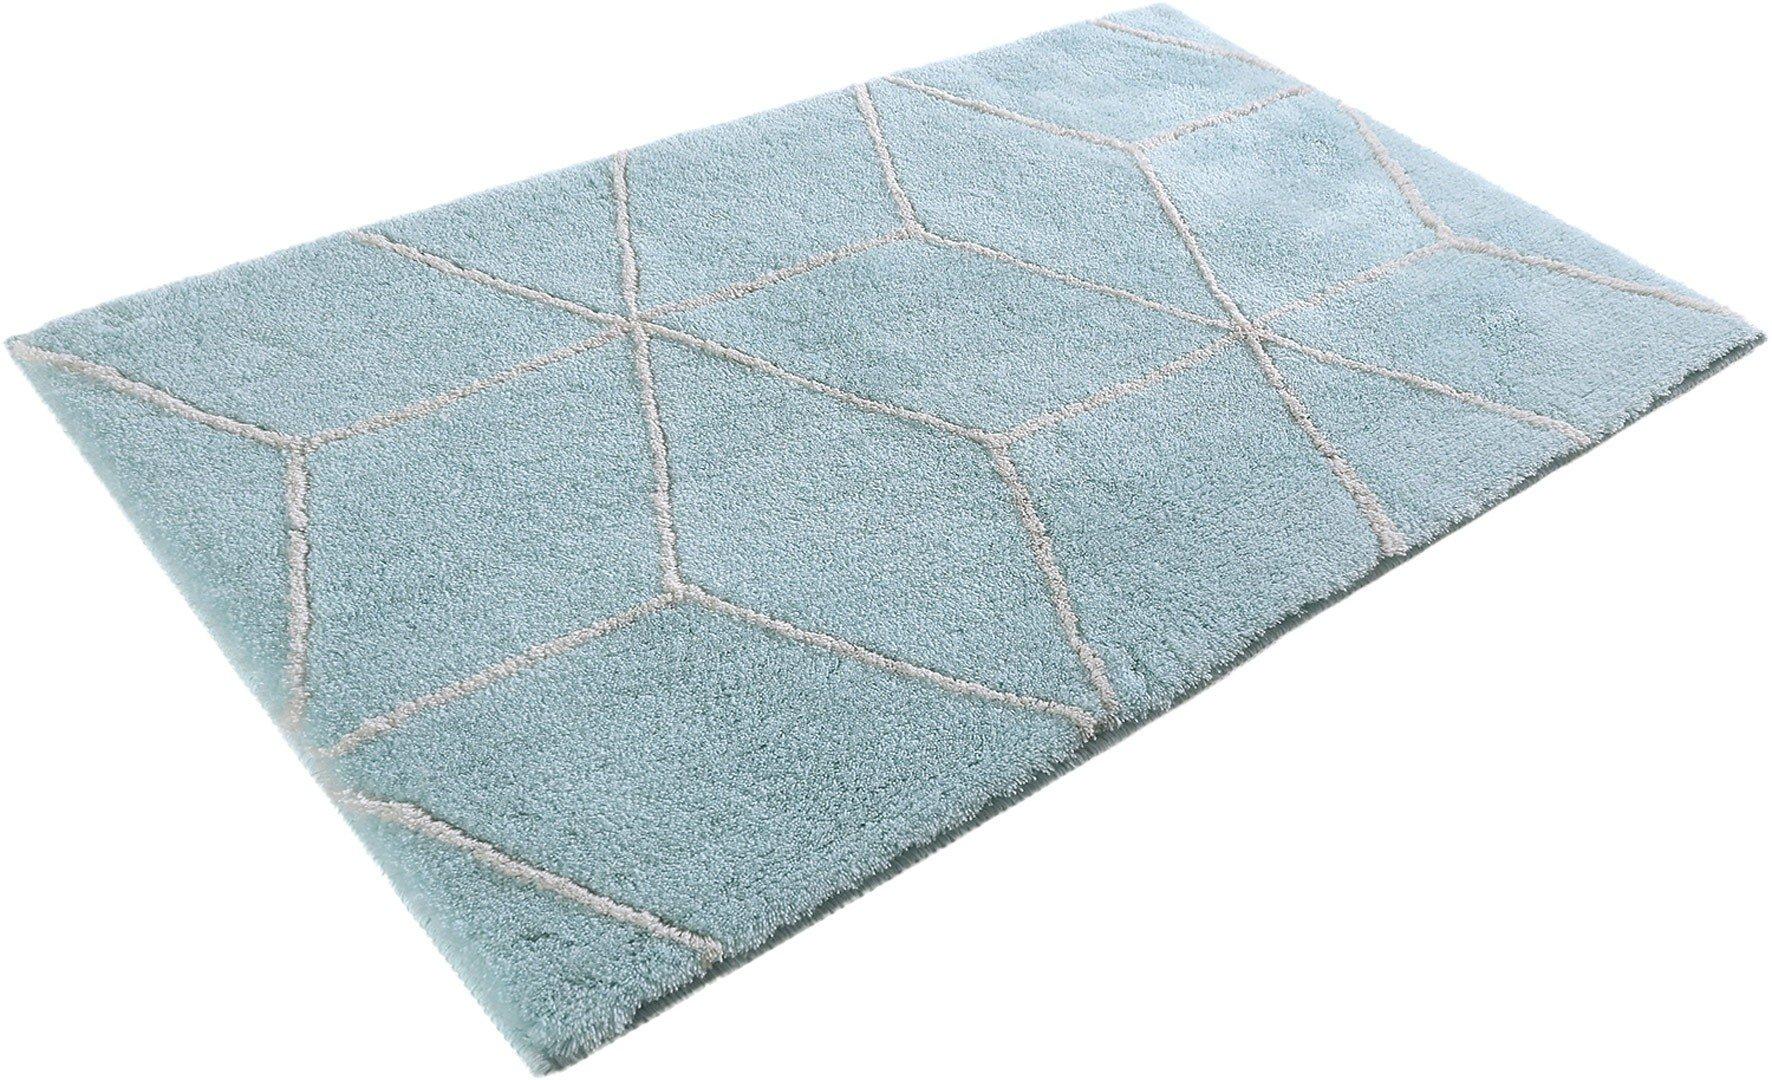 Salle De Bain Chocolat Turquoise tapis de bain turquoise géométrique flair esprit home